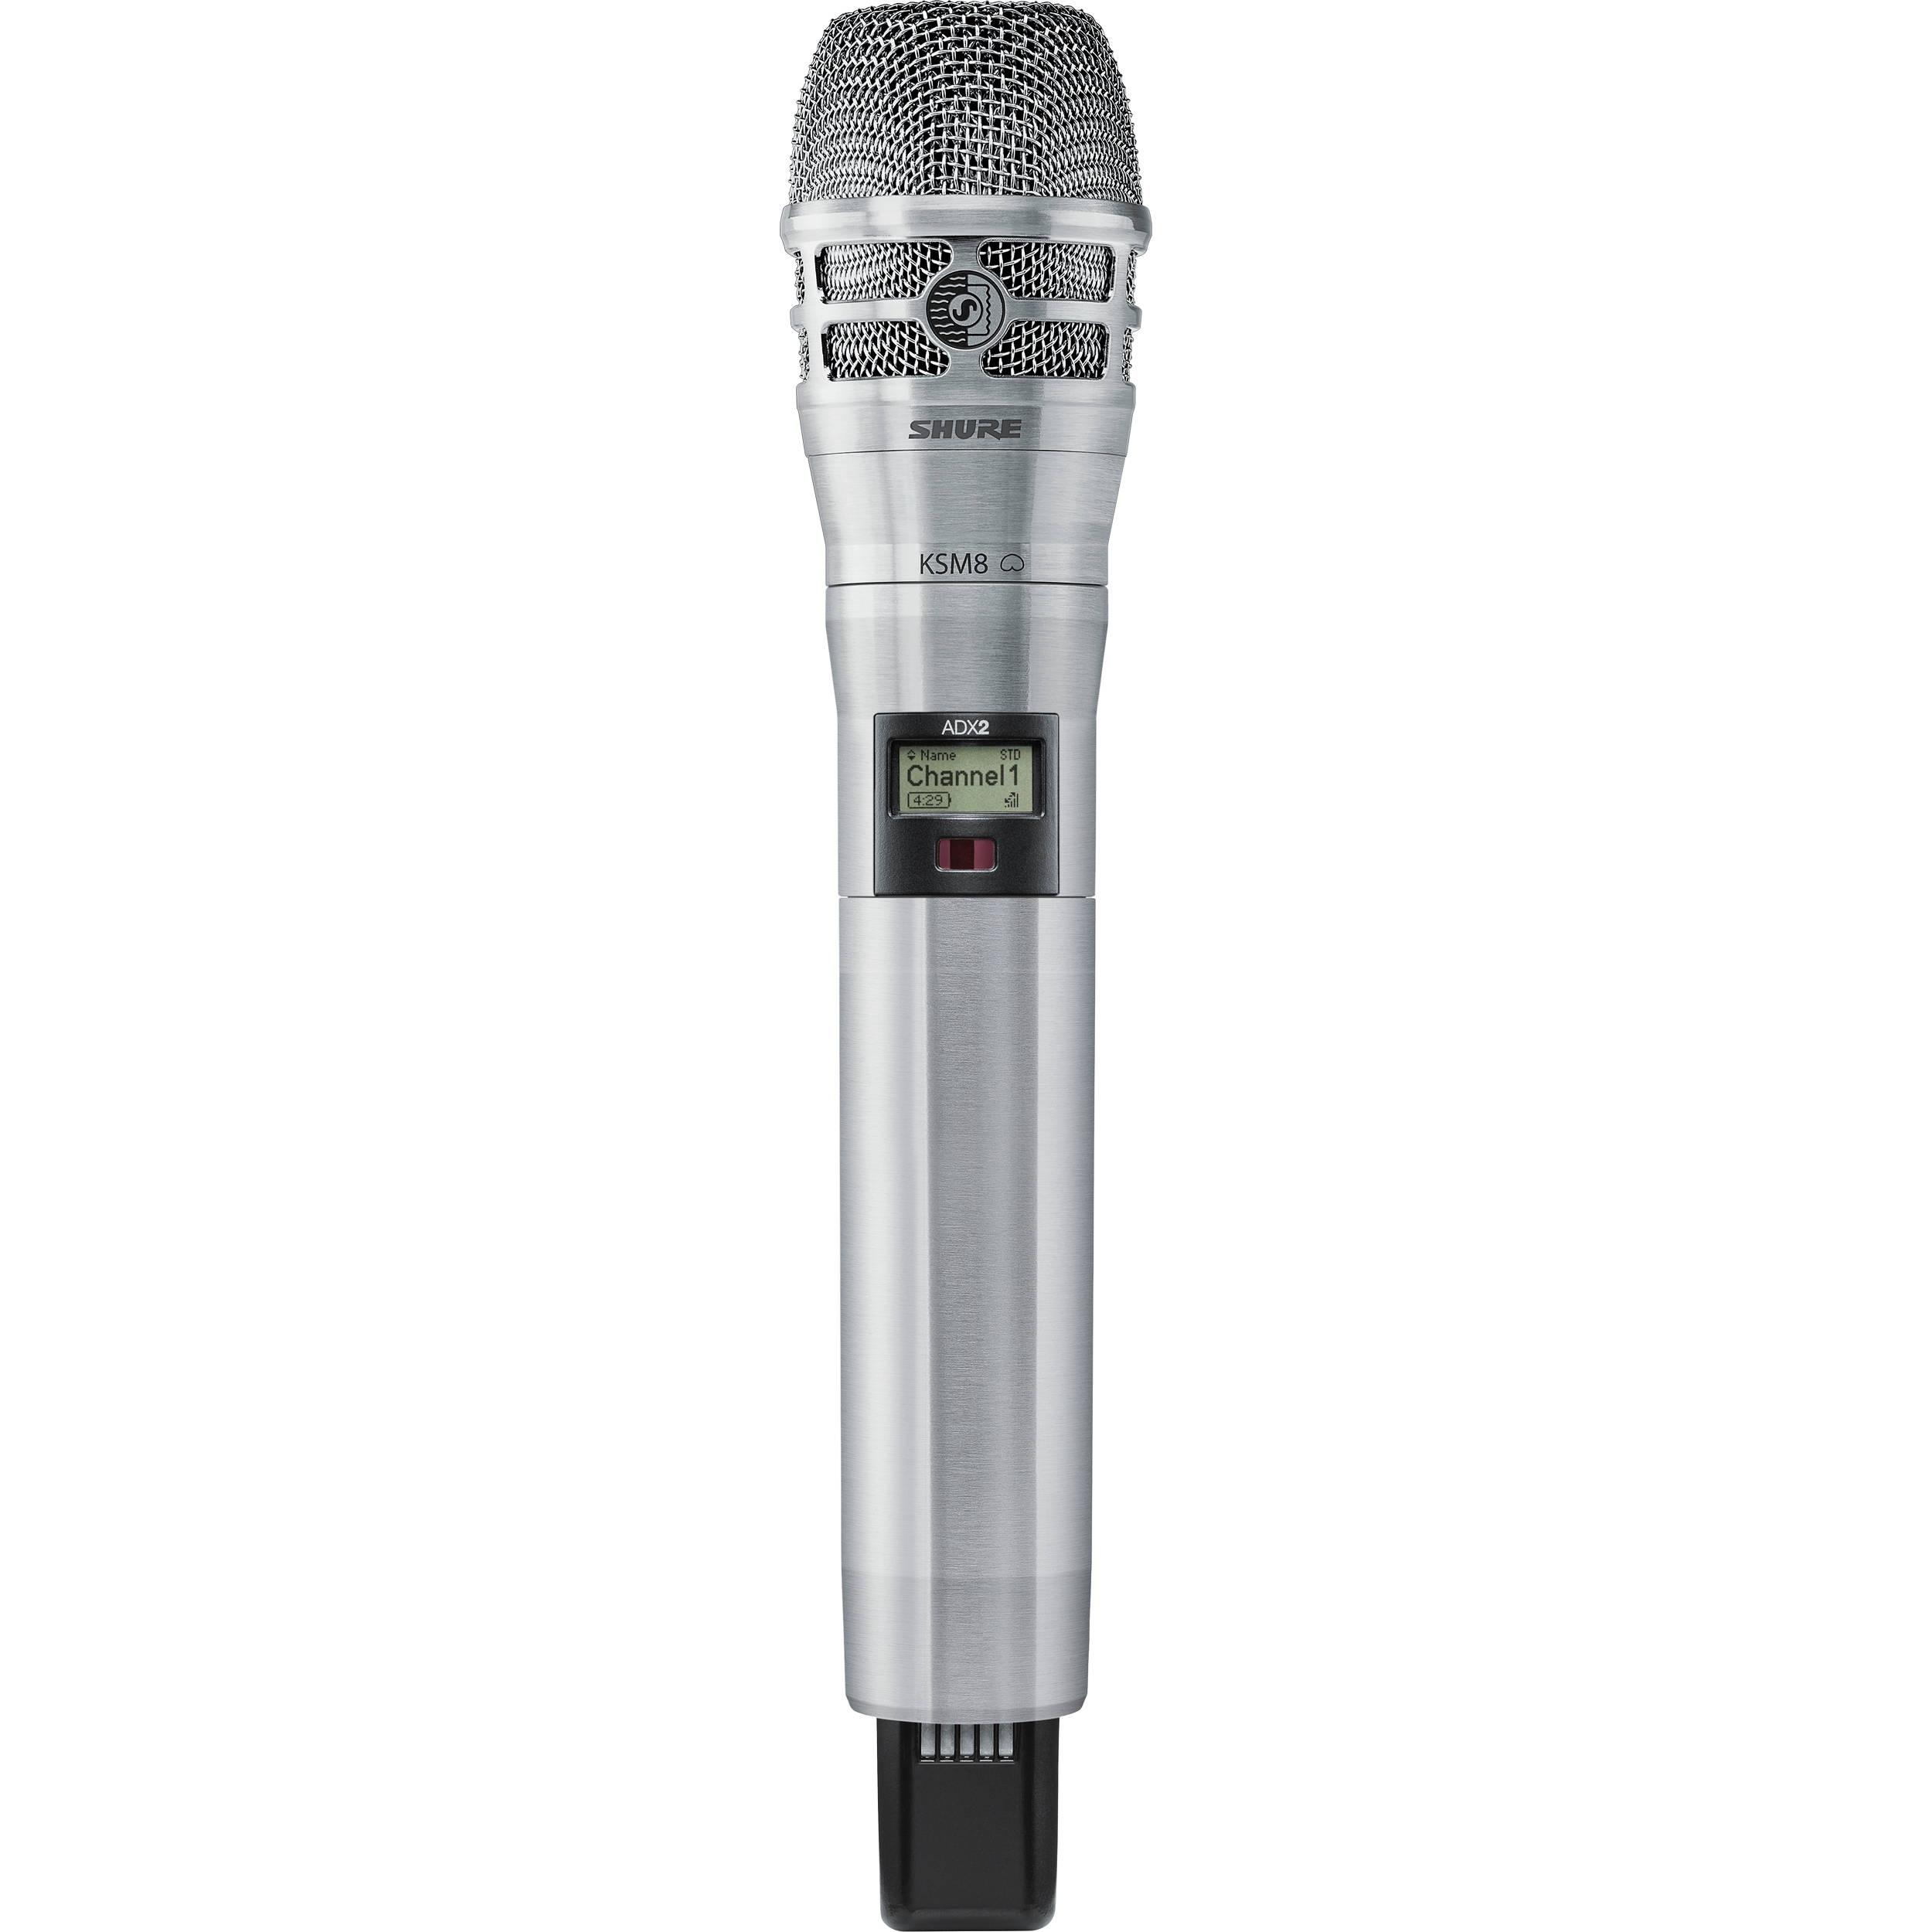 Shure ADX2/K8N Digital Handheld Wireless Microphone Transmitter with KSM8 Capsule